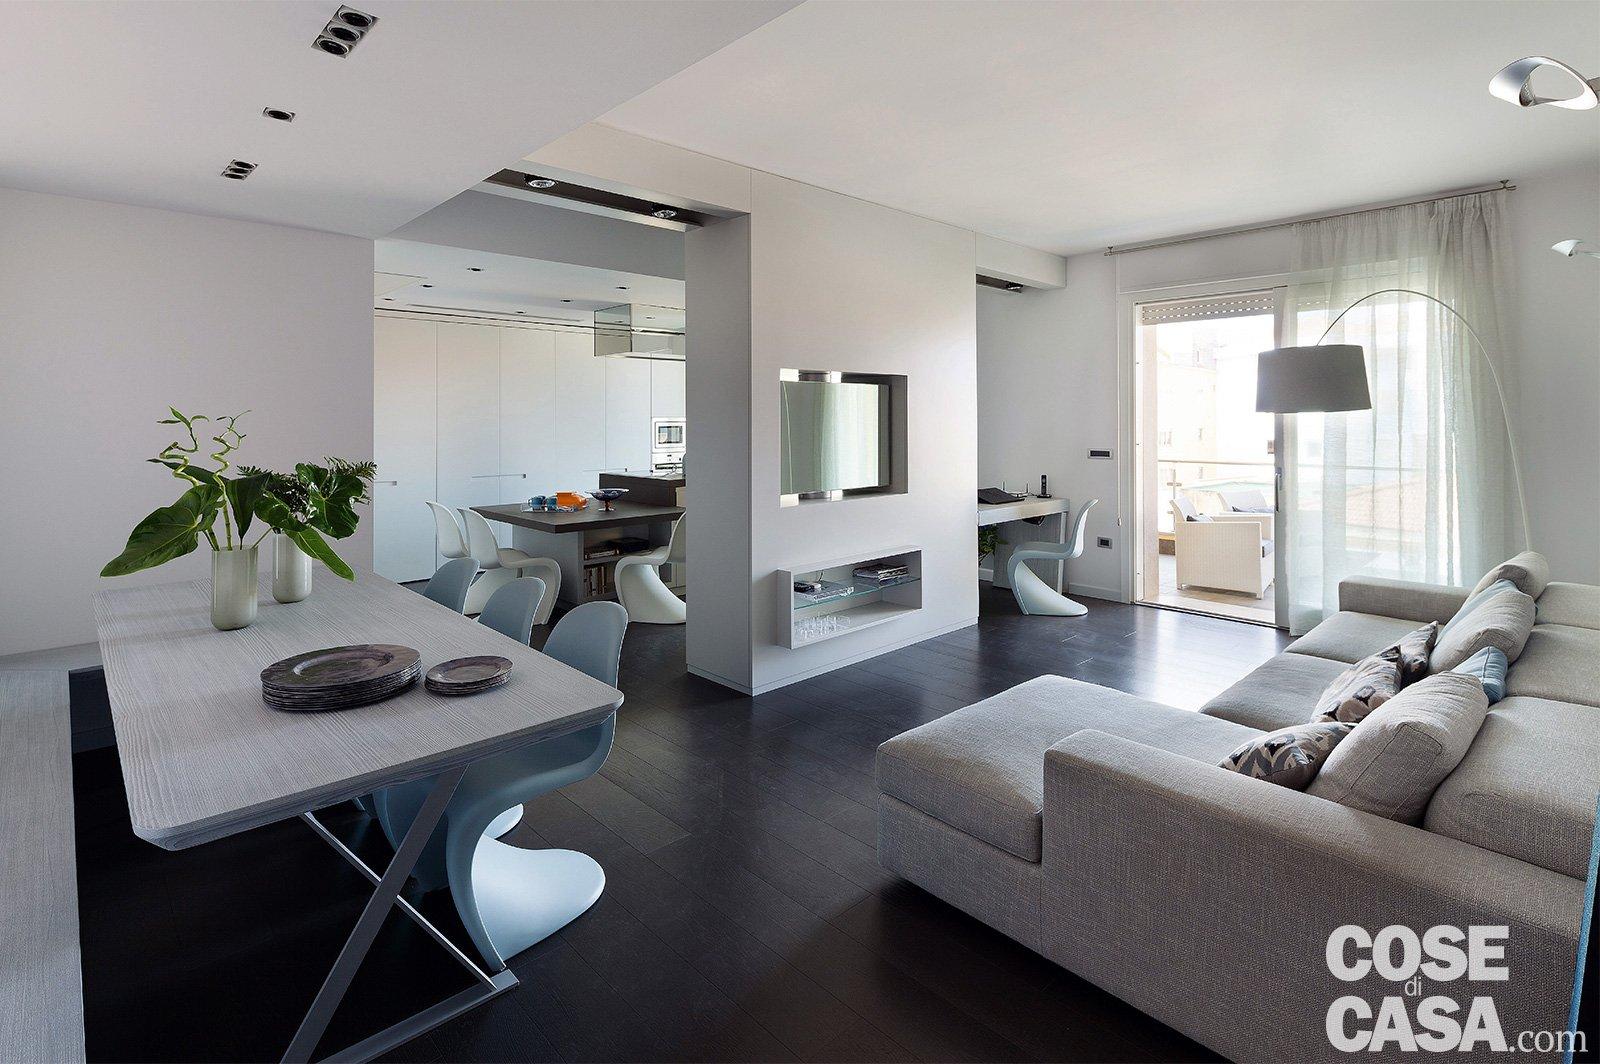 75 mq una casa con geometrie in bianco e nero cose di casa for Arredamento casa bianco